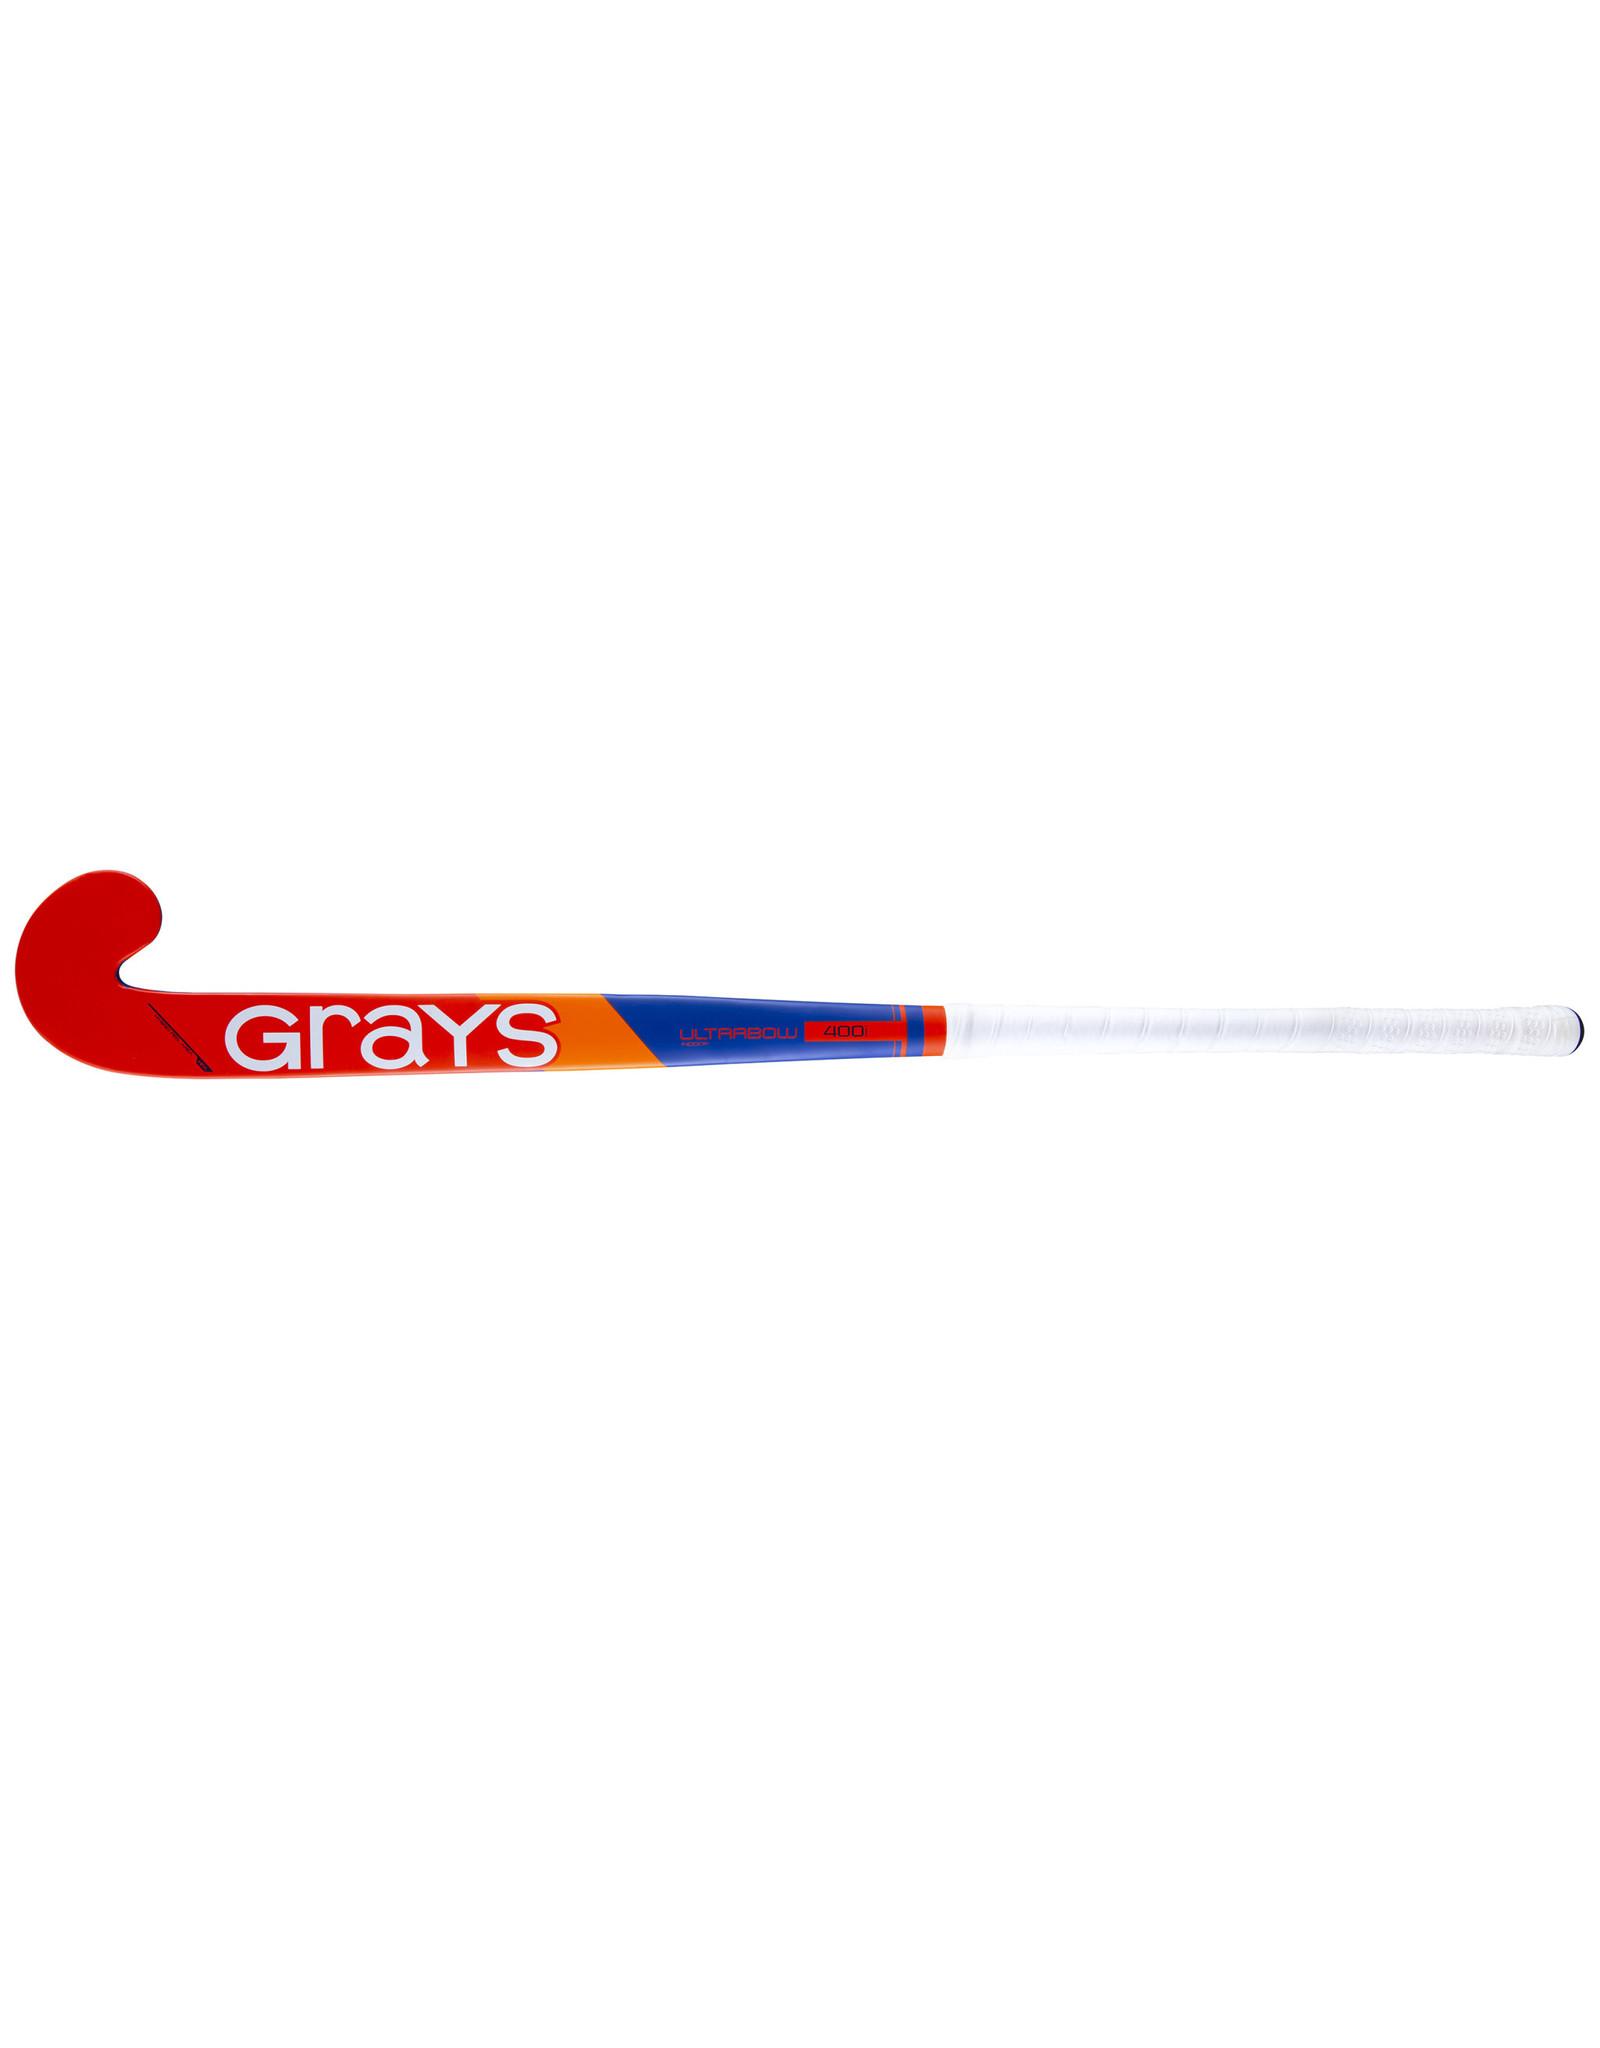 Grays STK 400i IND UB MC